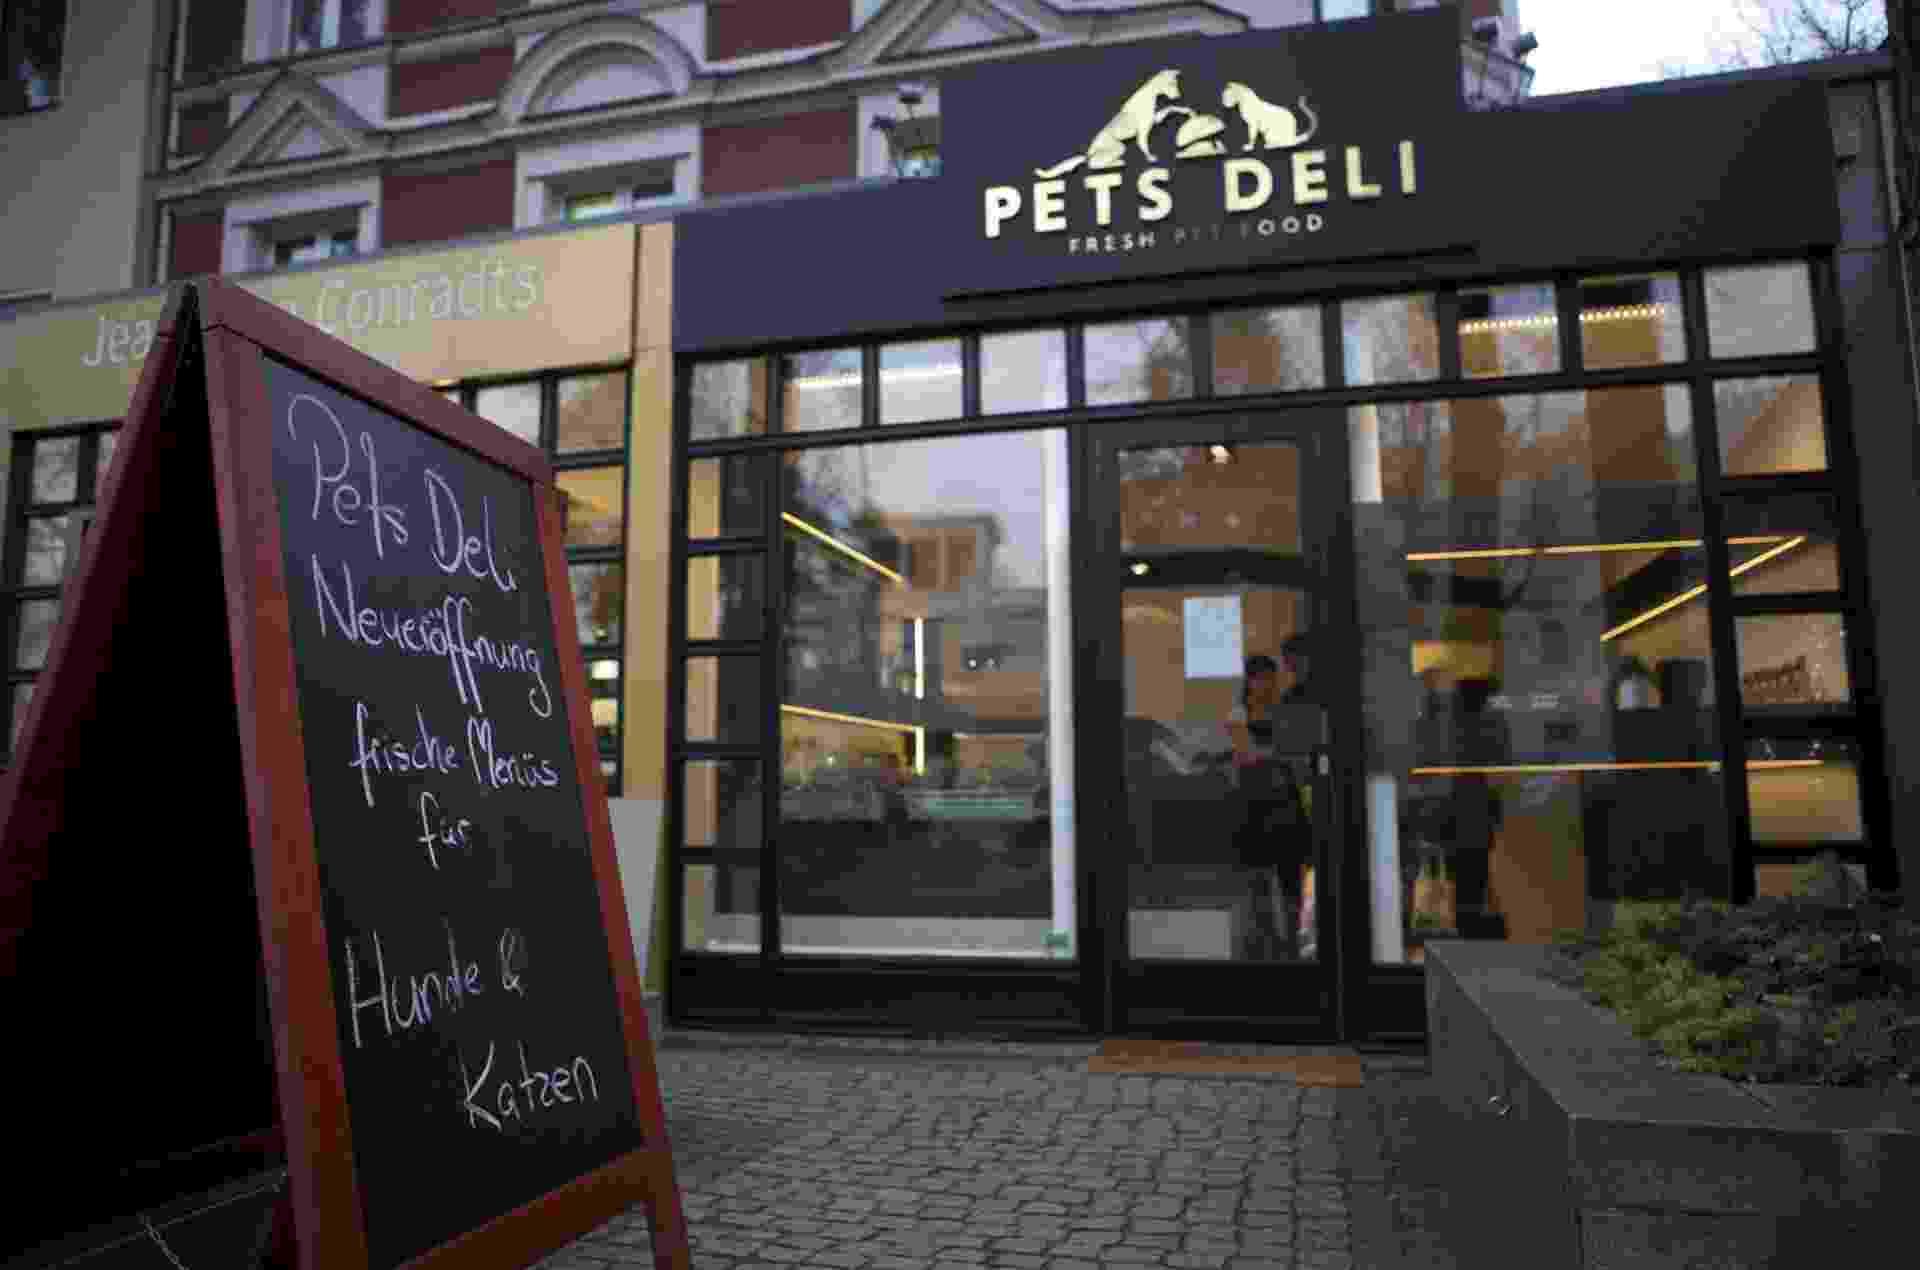 2.jan.2014 - A fachada da loja de comida para cães e gatos Pets Deli, em Gruenewald, distrito de Berlim, na Alemanha, é fotografada nesta quinta-feira (2). A loja mistura carnes frescas, vegetais e outros ingredientes no preparo de refeições para animais que podem ser comidas no local ou levadas para viagem - David Gannon/AFP